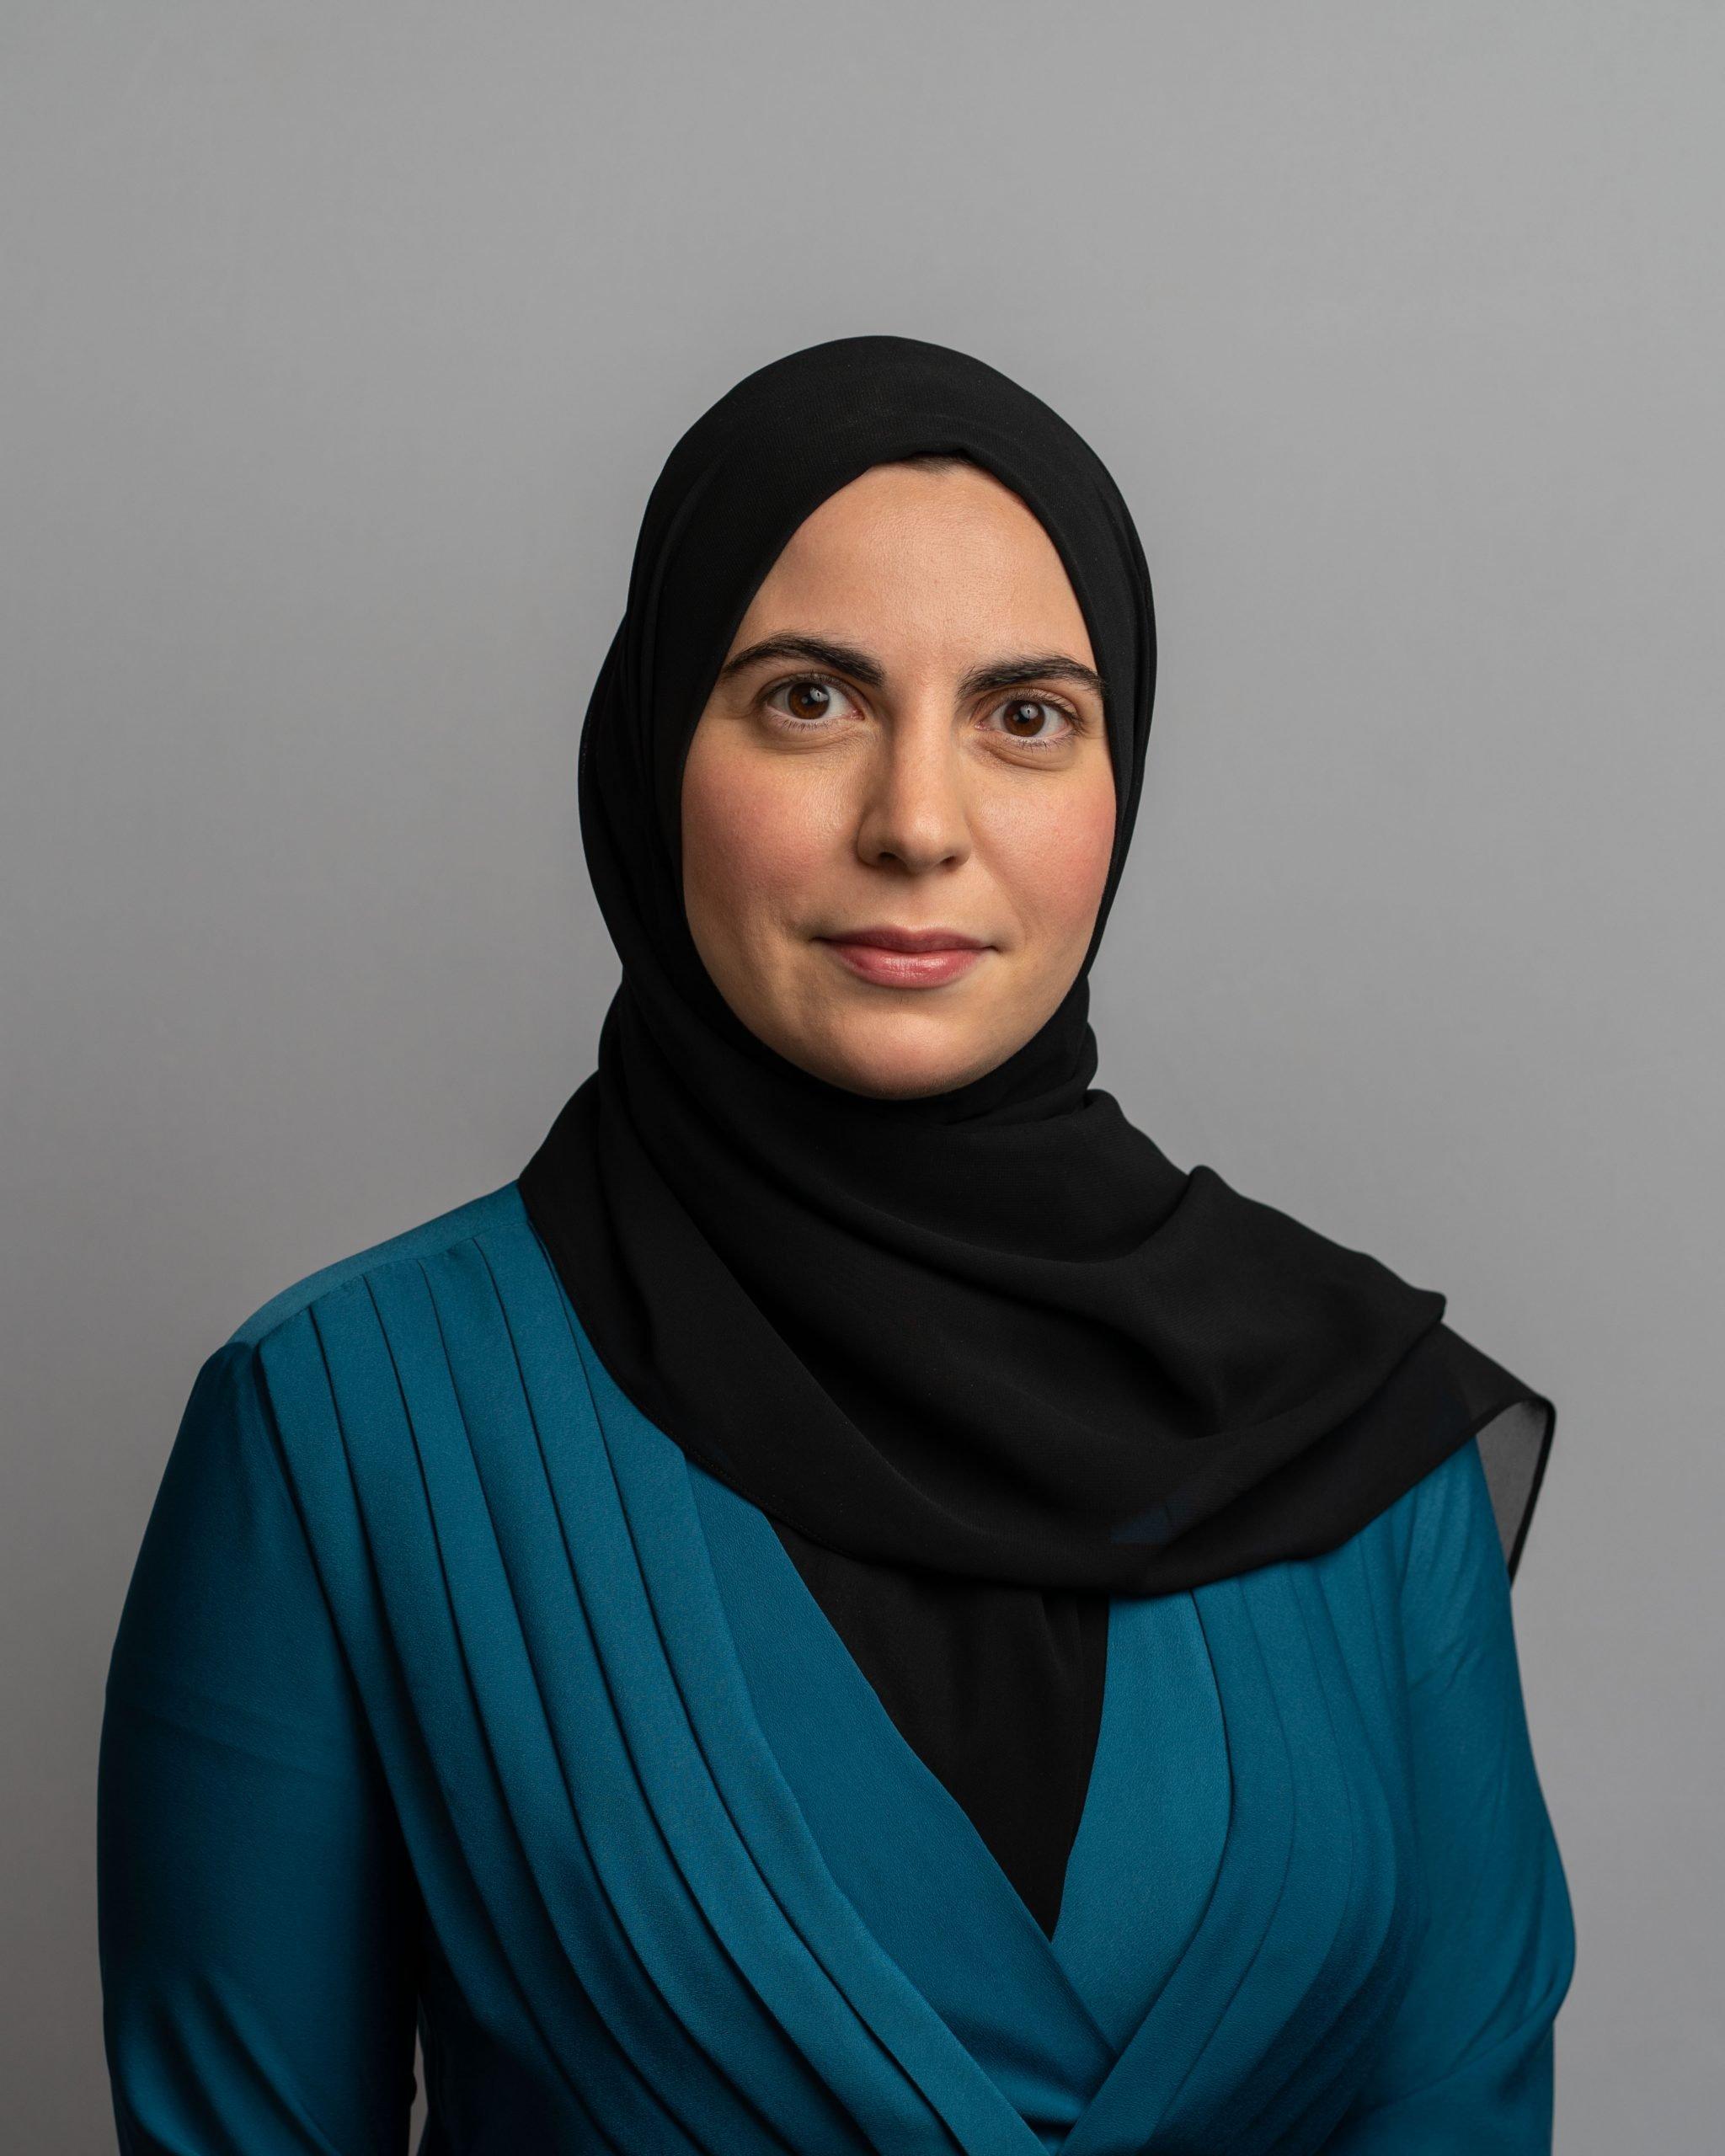 Sumayya Saleh